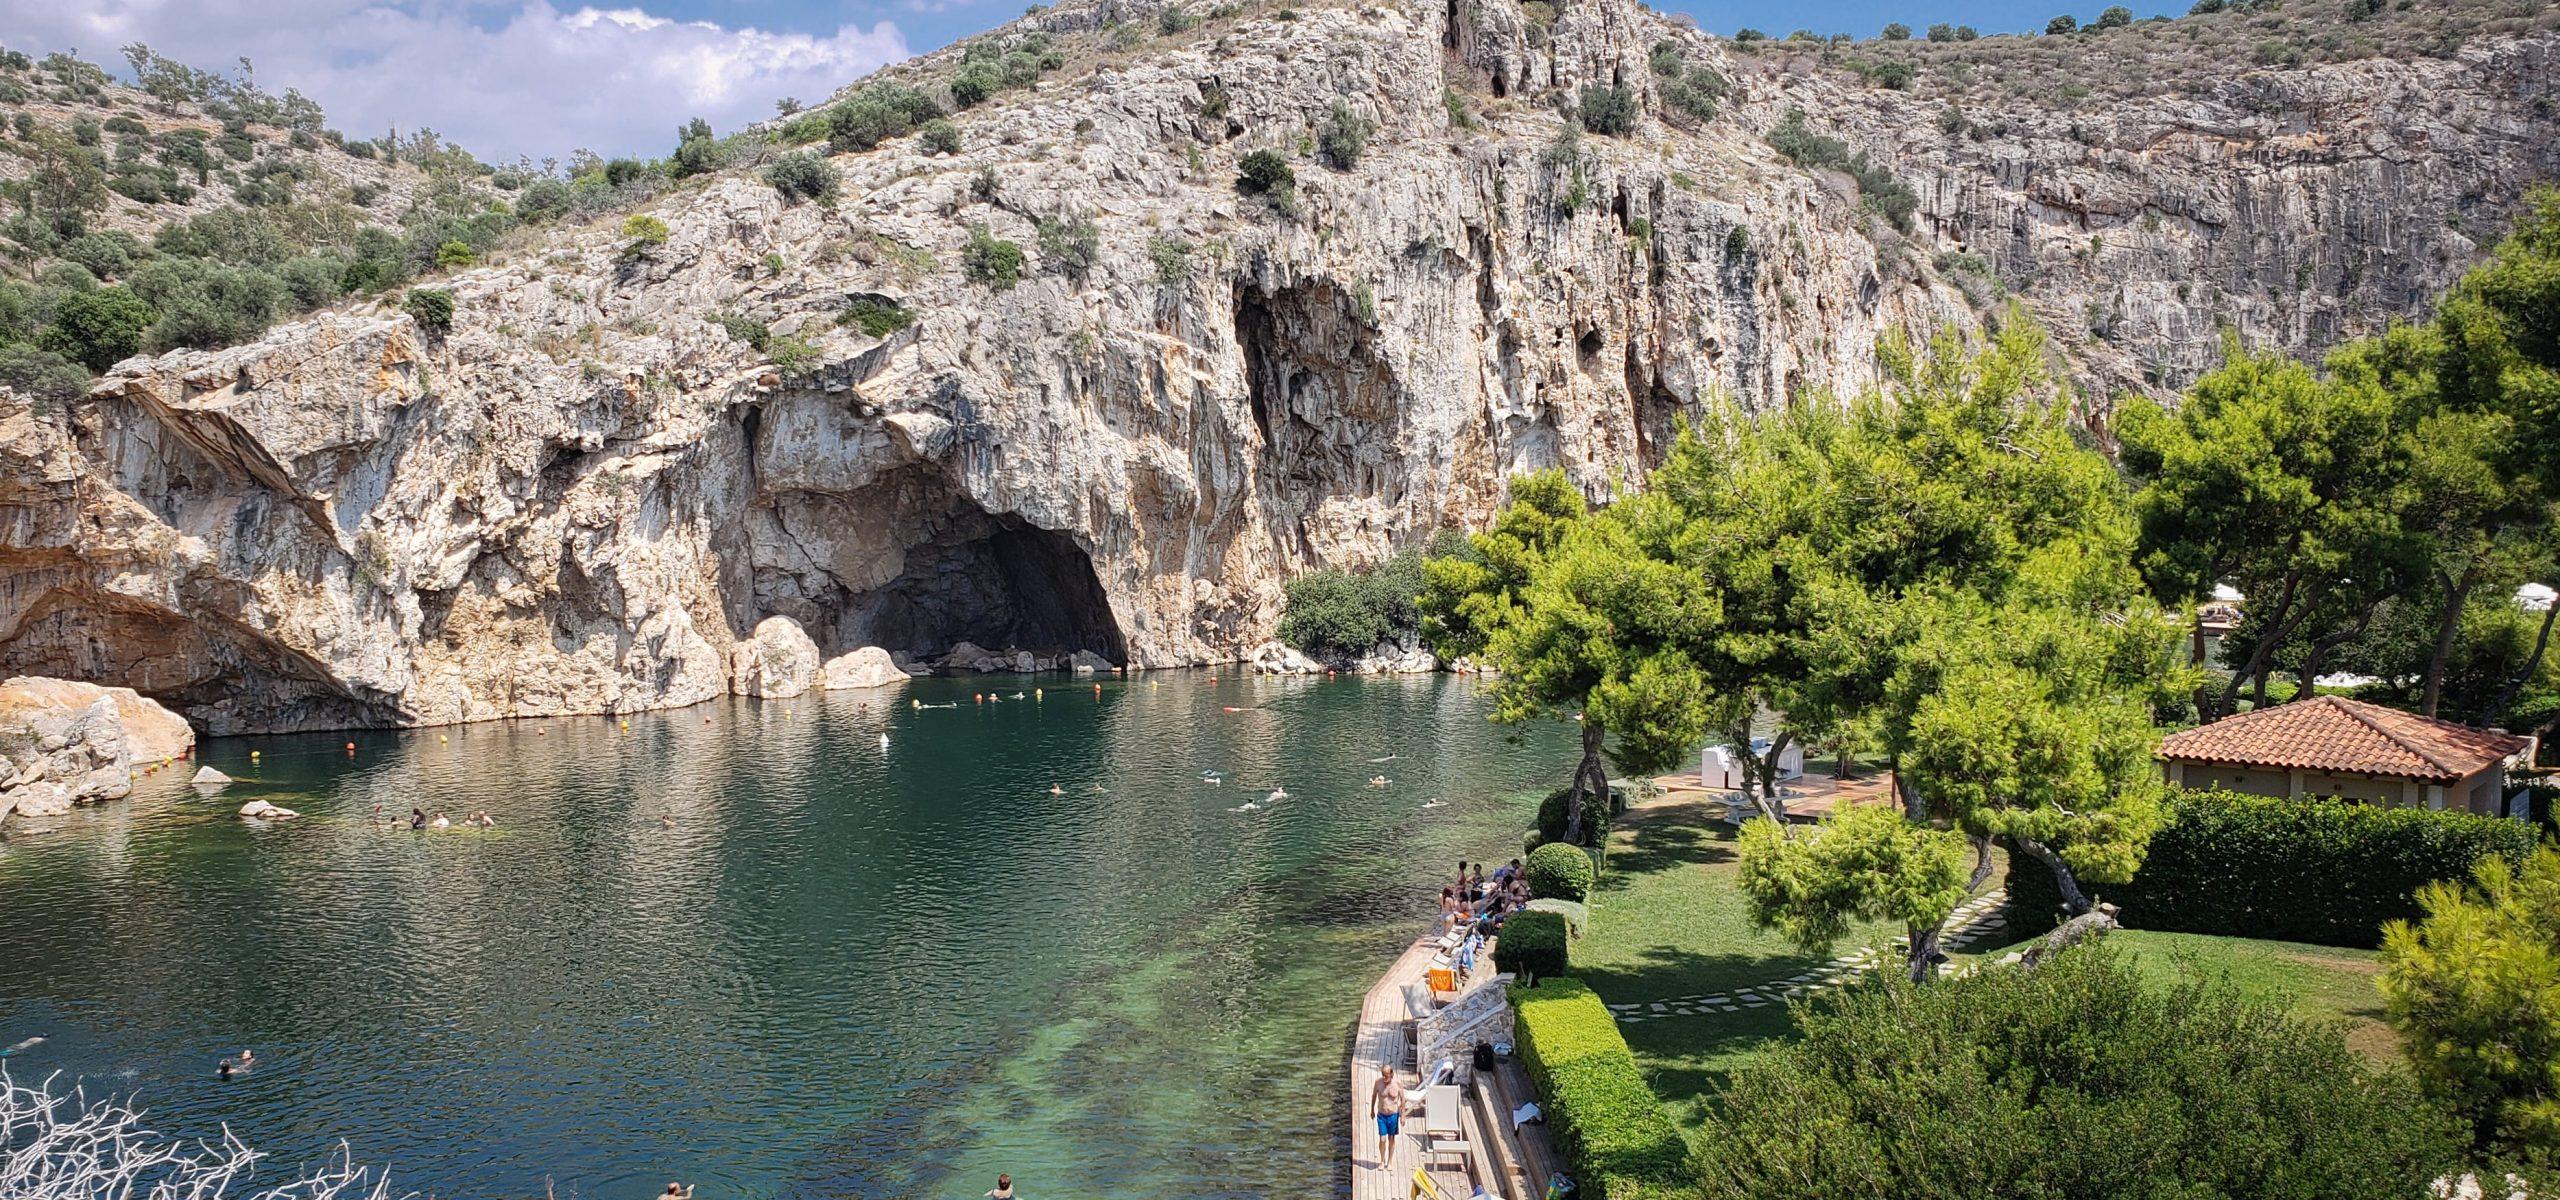 Vouliagmeni lake in Athens